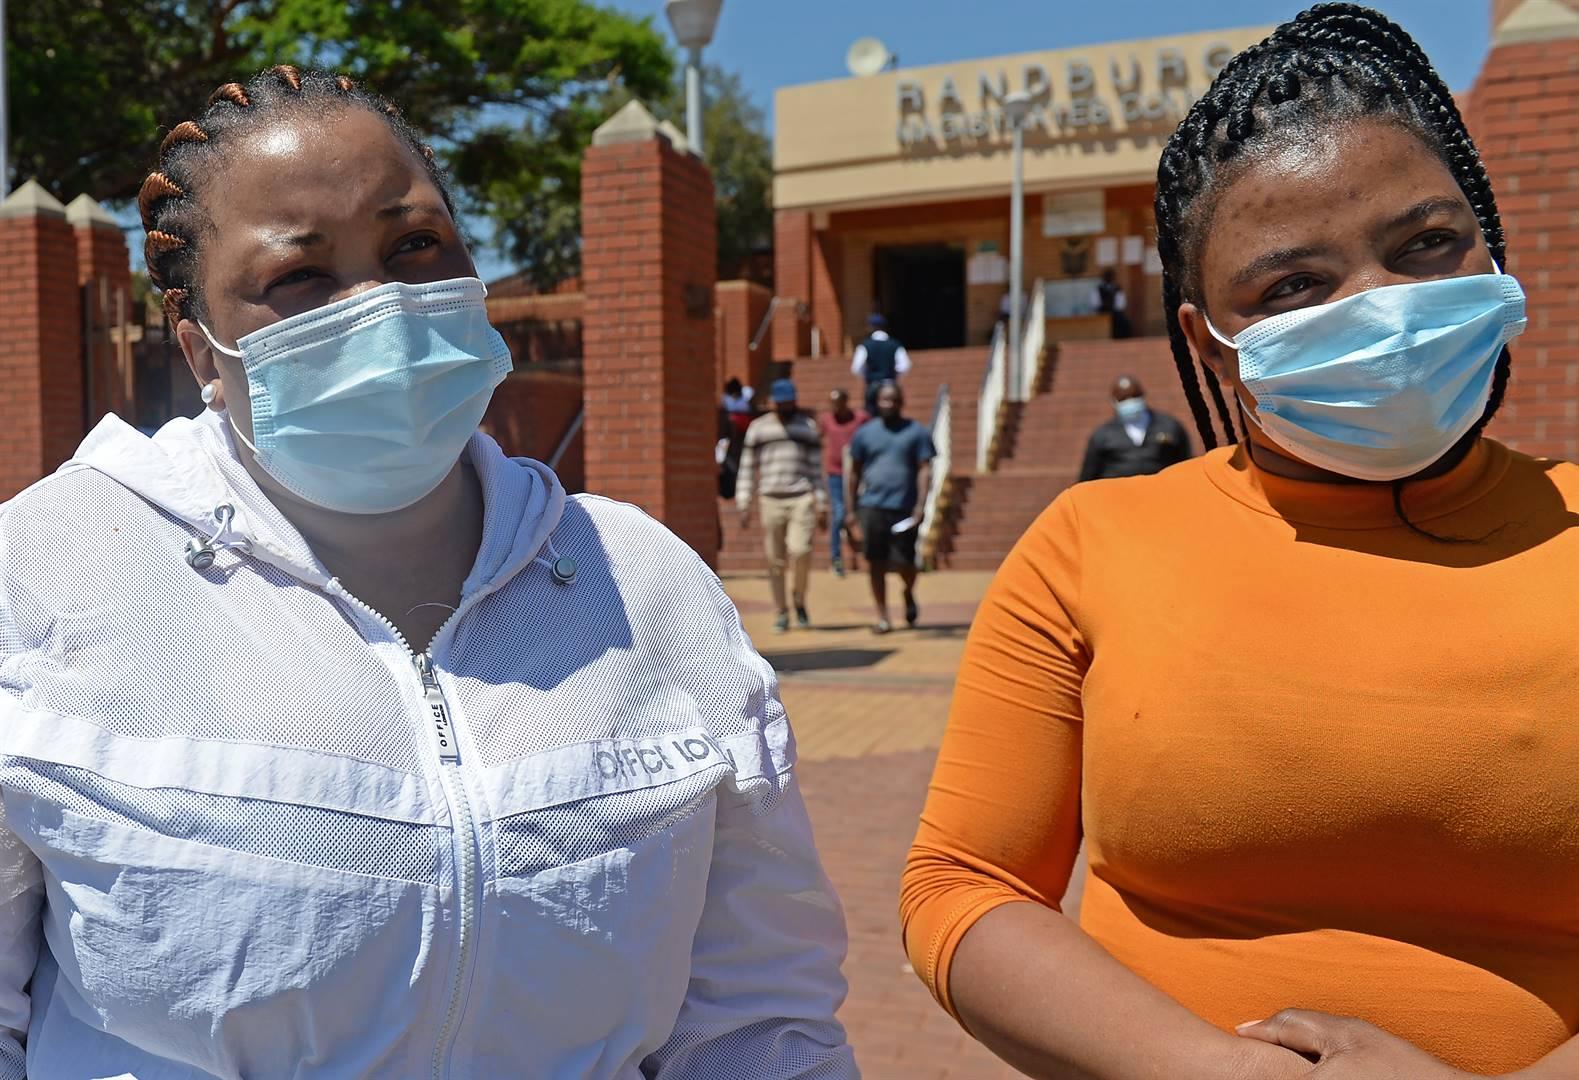 Nombulelo Ngcobo en Khetiwe Ndaba, onderskeidelik Bongumusa Wellington Ngcobo se suster en aanstaande skoonsuster, praat buite die landdroshof met Netwerk24.  Foto: Melinda Stuurman